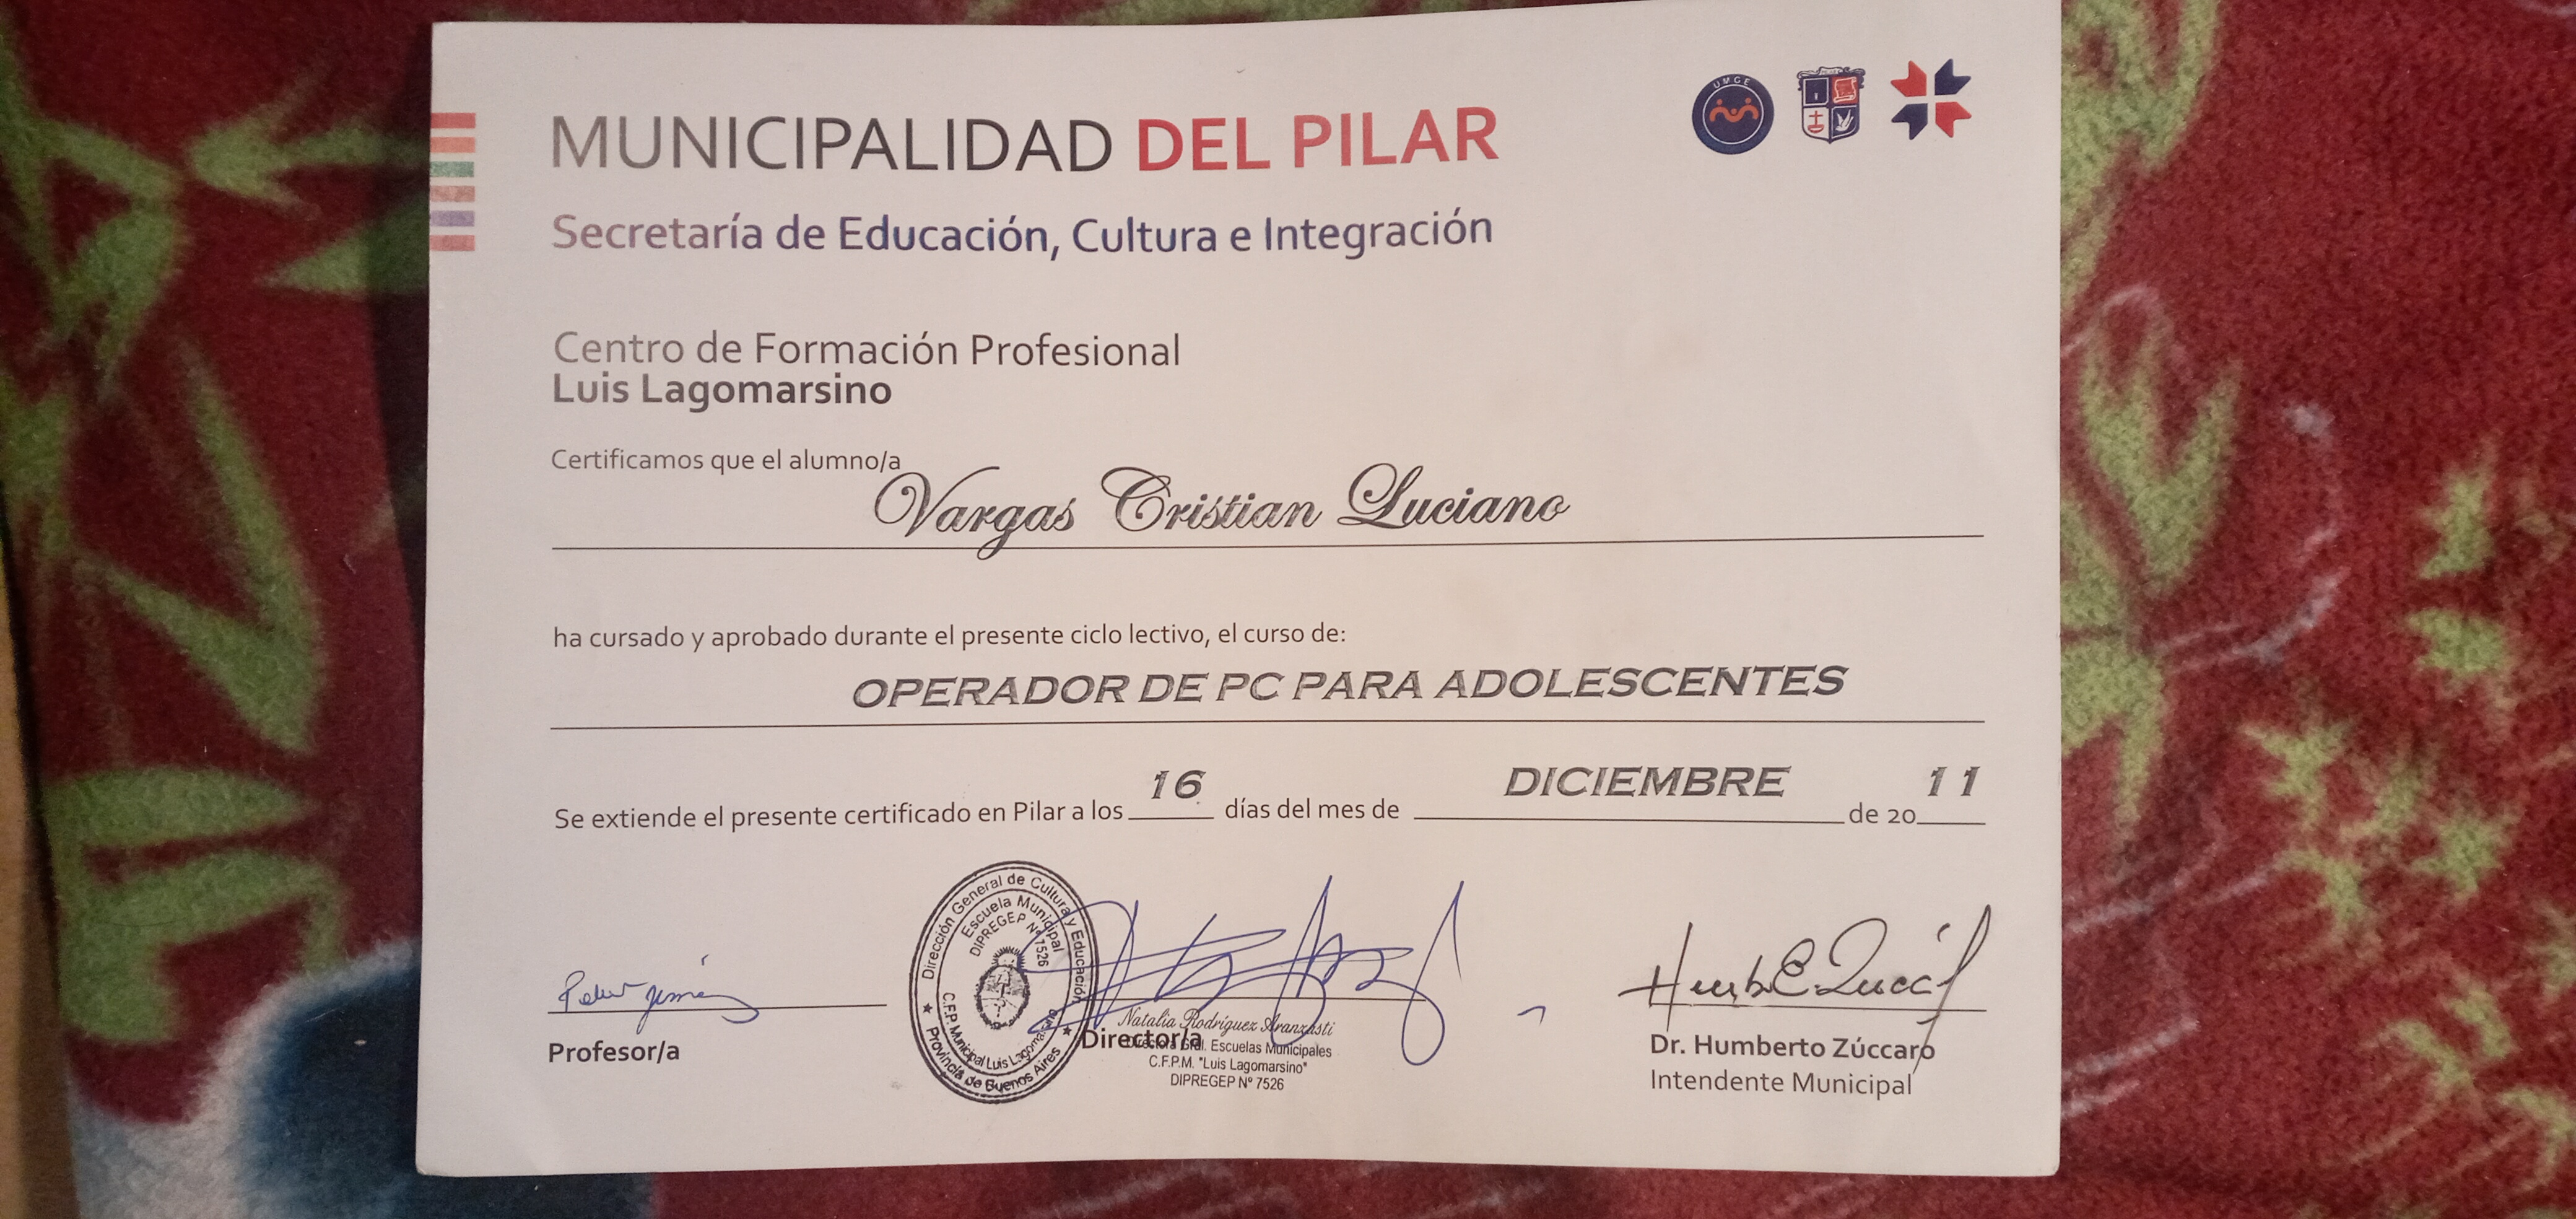 MUNICIPALIDAD DEL PILAR  Secretaria de Educacion, Cultura e Integracion  Centro de Formacion Profesional Luis Lagomarsino  Certificamos que el alumno/a  Darga Cristian Luciane     ha cursado y aprobado durante el presente ciclo lectivo, el curso de:  OPERADOR DE PC PARA ADOLESCENTES     DICIEMBRE 1  Se extiende el presente certificado en Pilar a los __ dias del mes de oon  hl)  Cra i Dr. Humberto Zuccar uis Lagom DIPREGEP N° ons Intendente Municipal  V Profesor/a